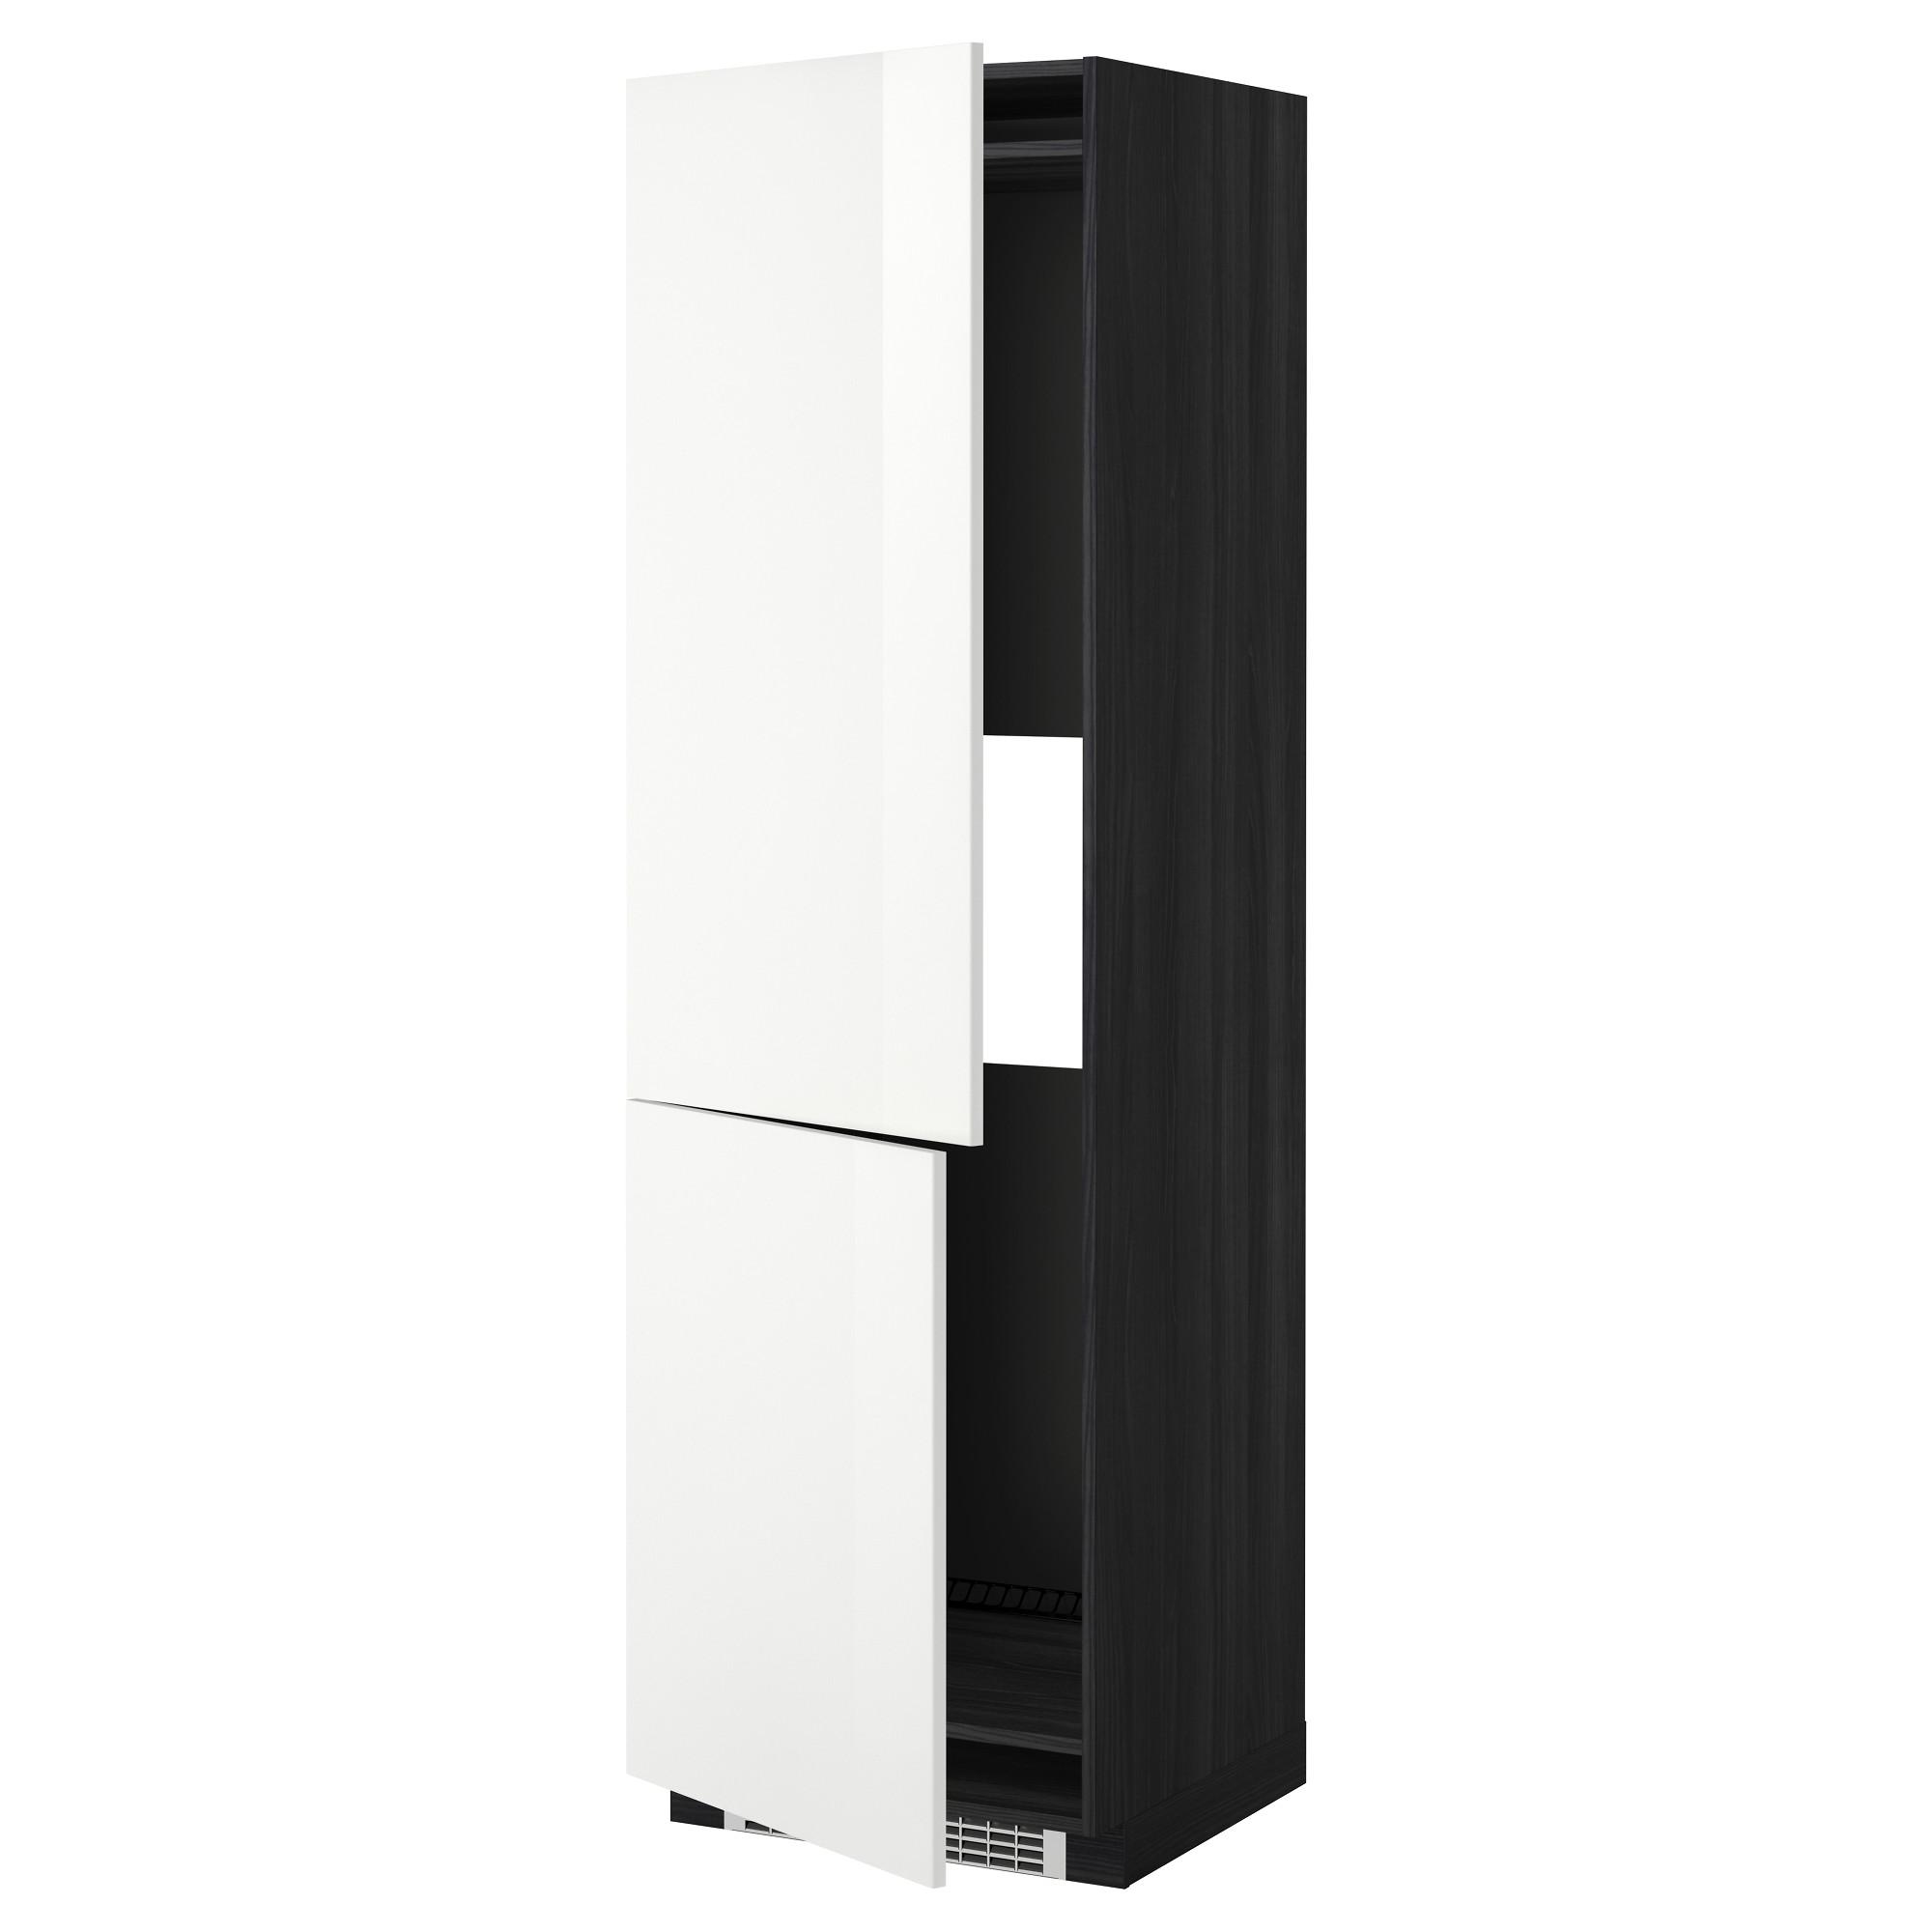 Высокий шкаф для холодильника или морозильник МЕТОД черный артикуль № 992.329.87 в наличии. Интернет магазин IKEA РБ. Недорогая доставка и монтаж.